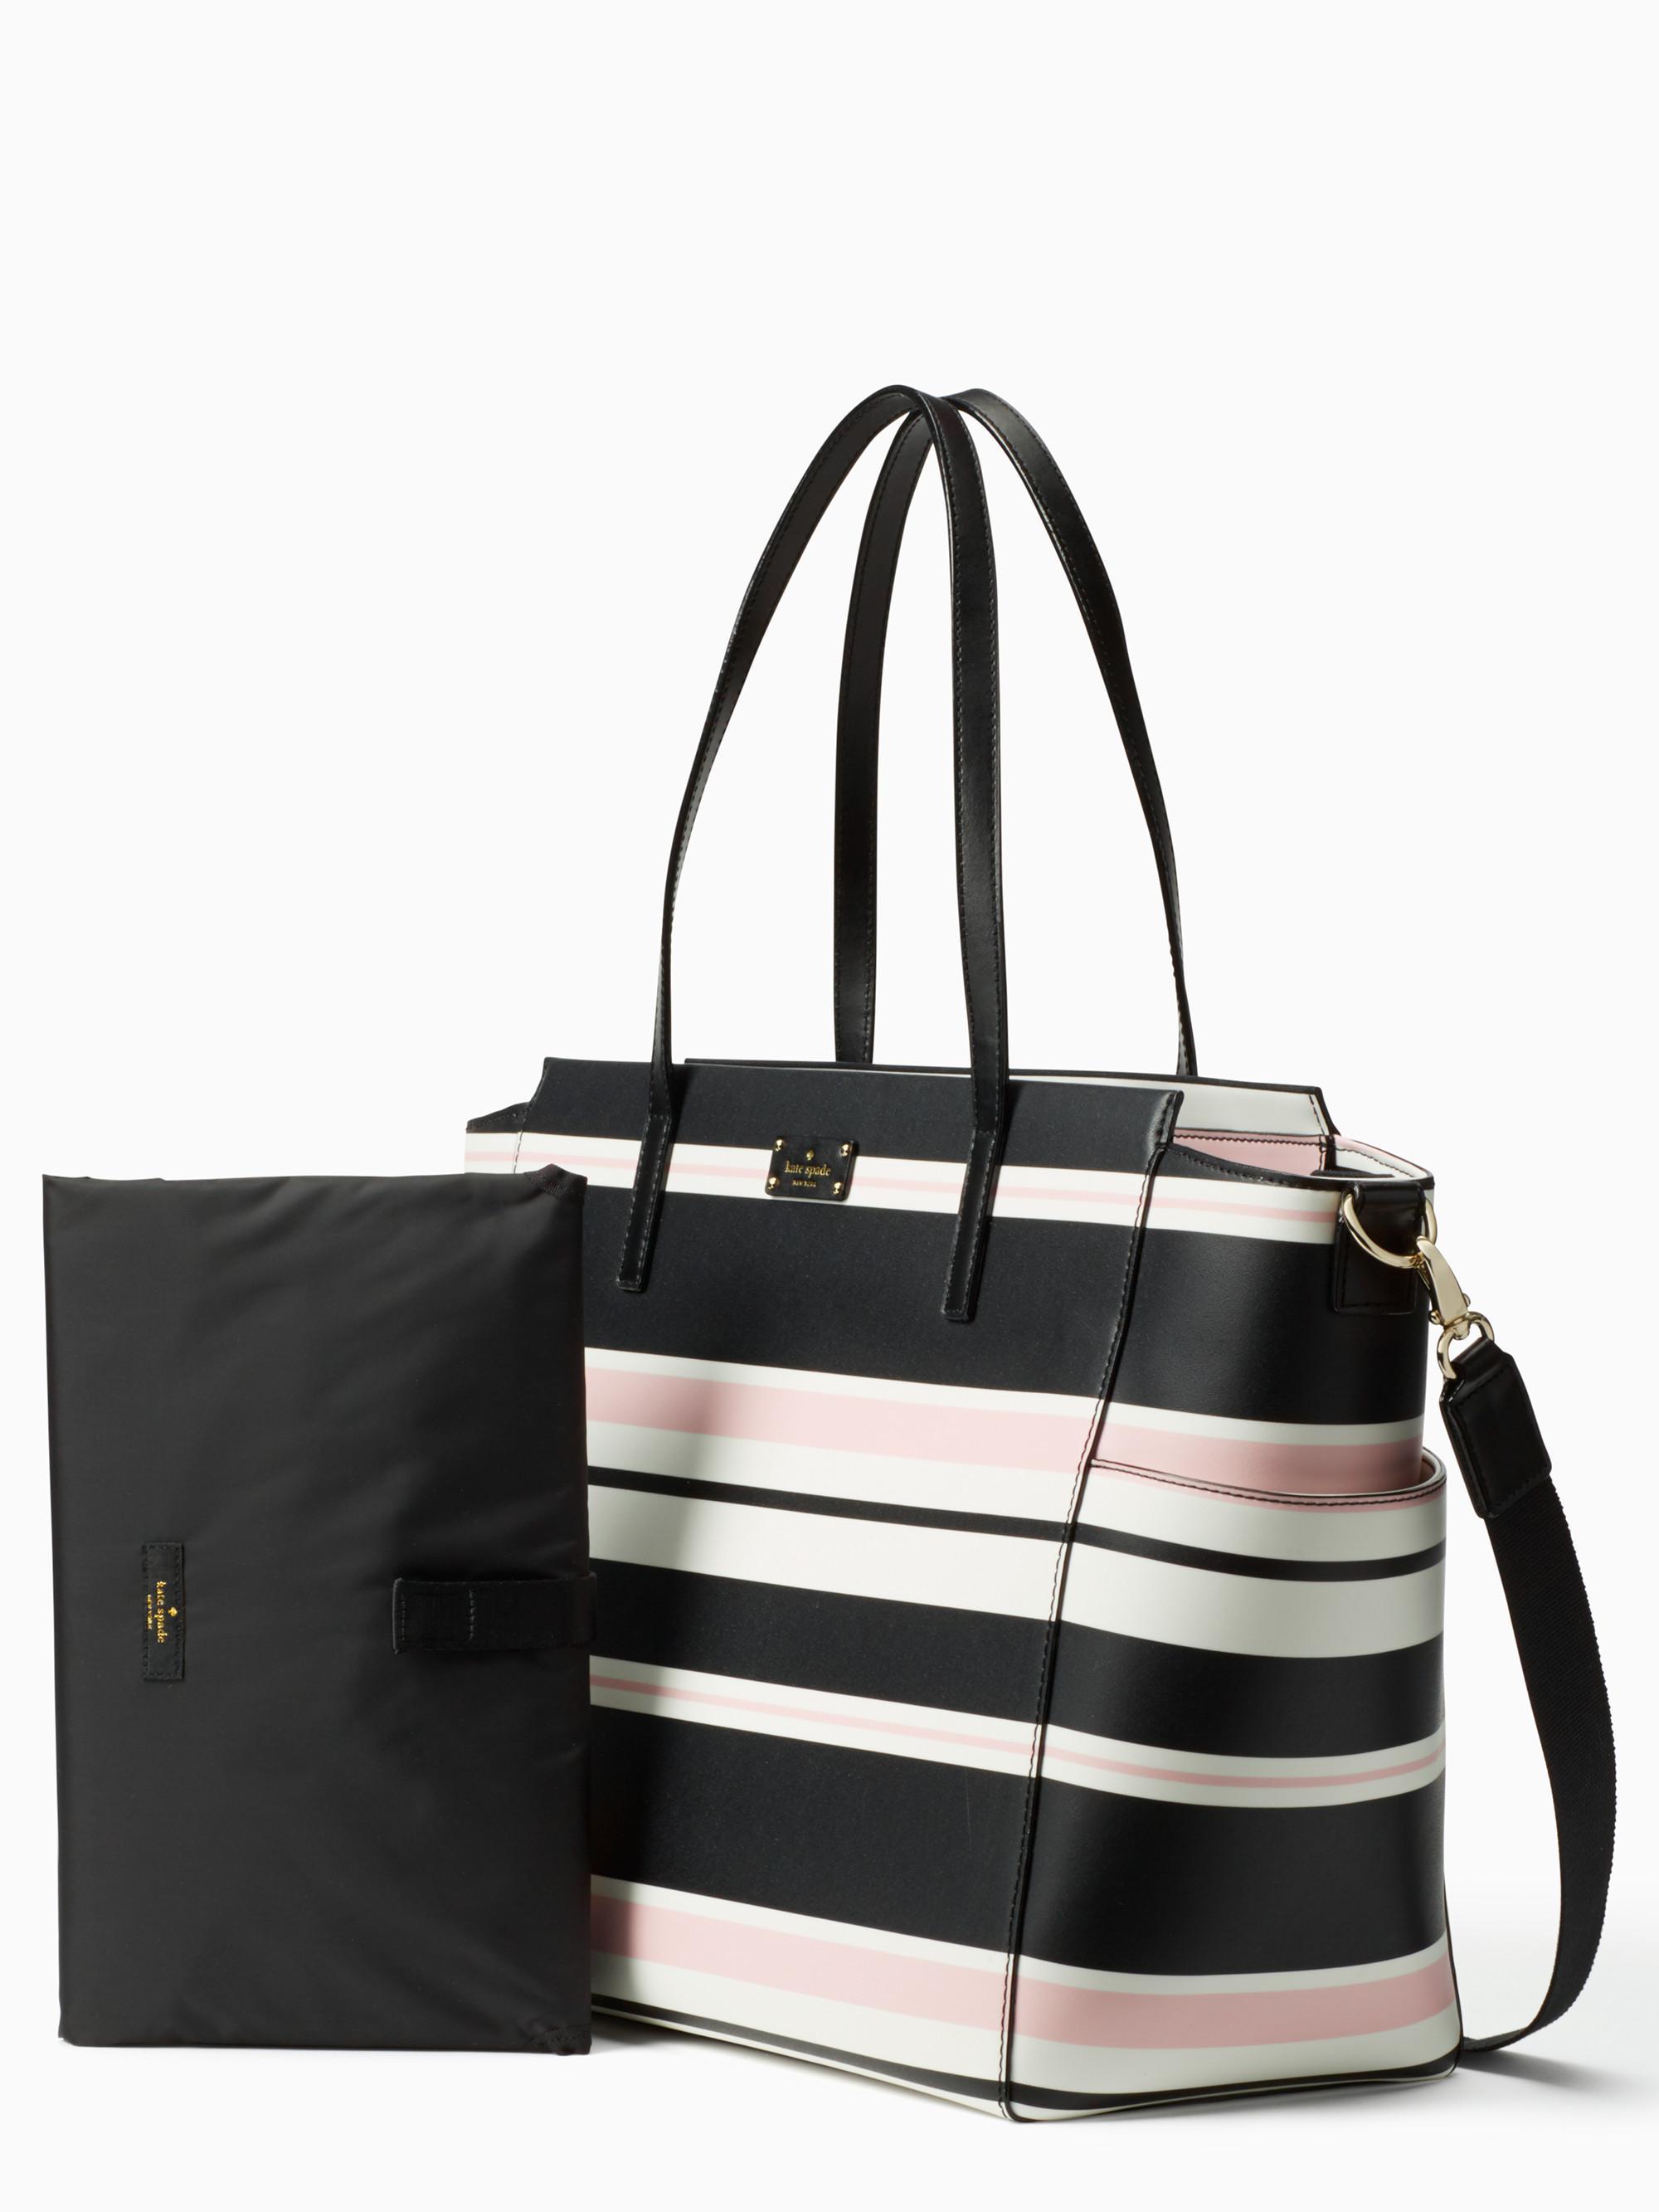 Backpack Diaper Bag Kate Spade